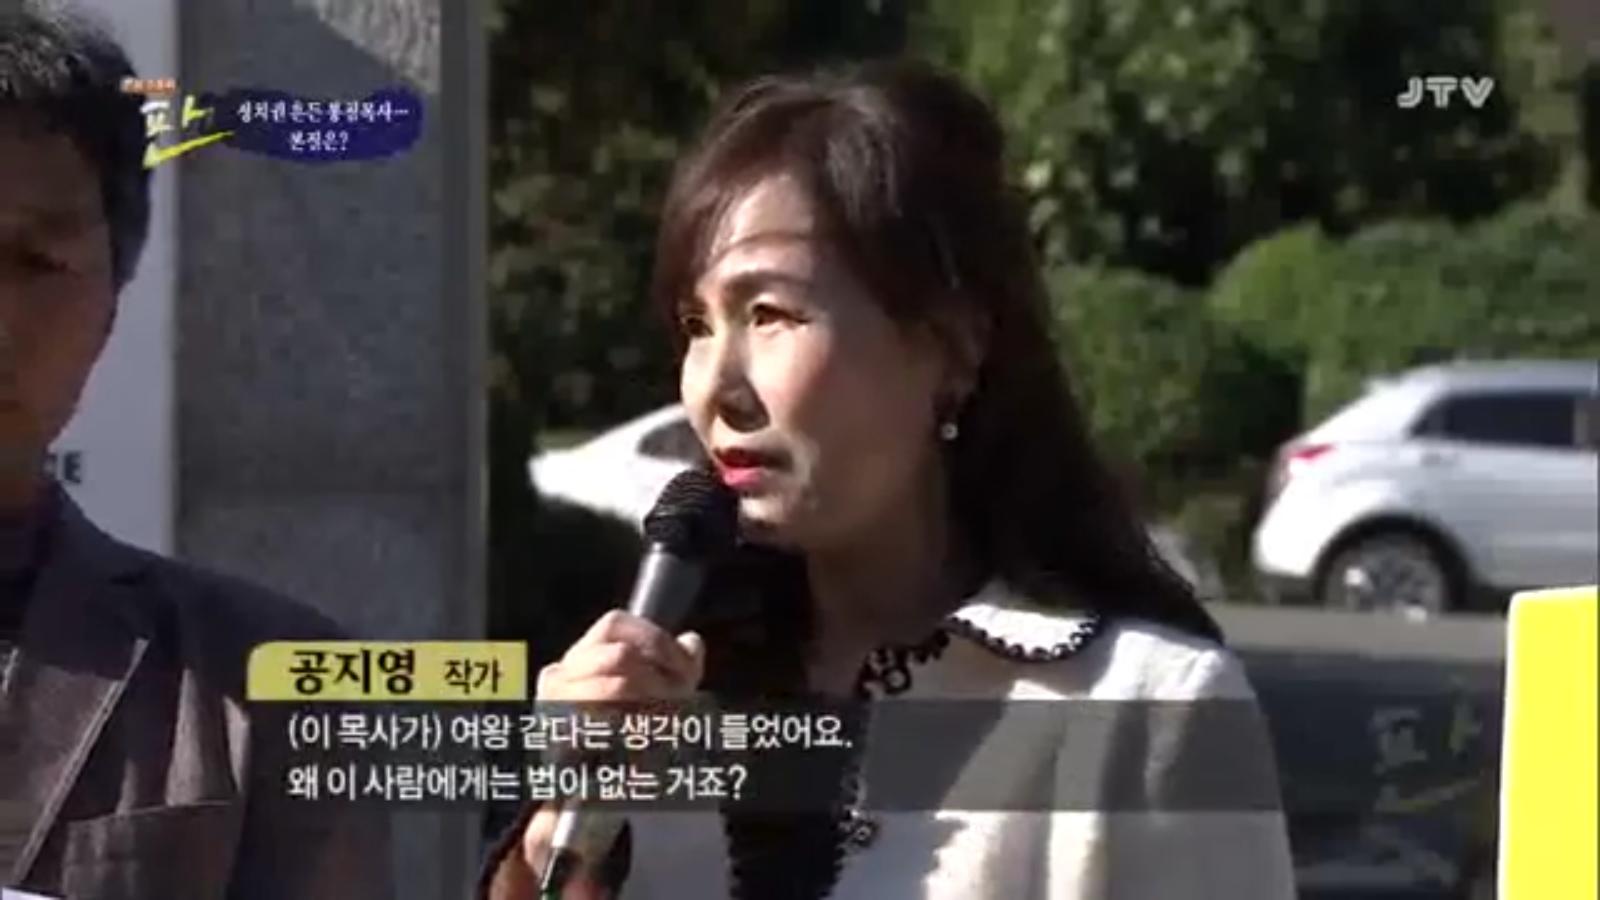 [18.4.13 JTV] 전주 봉침게이트, 정치권 흔든 봉침목사...본질은25.jpg